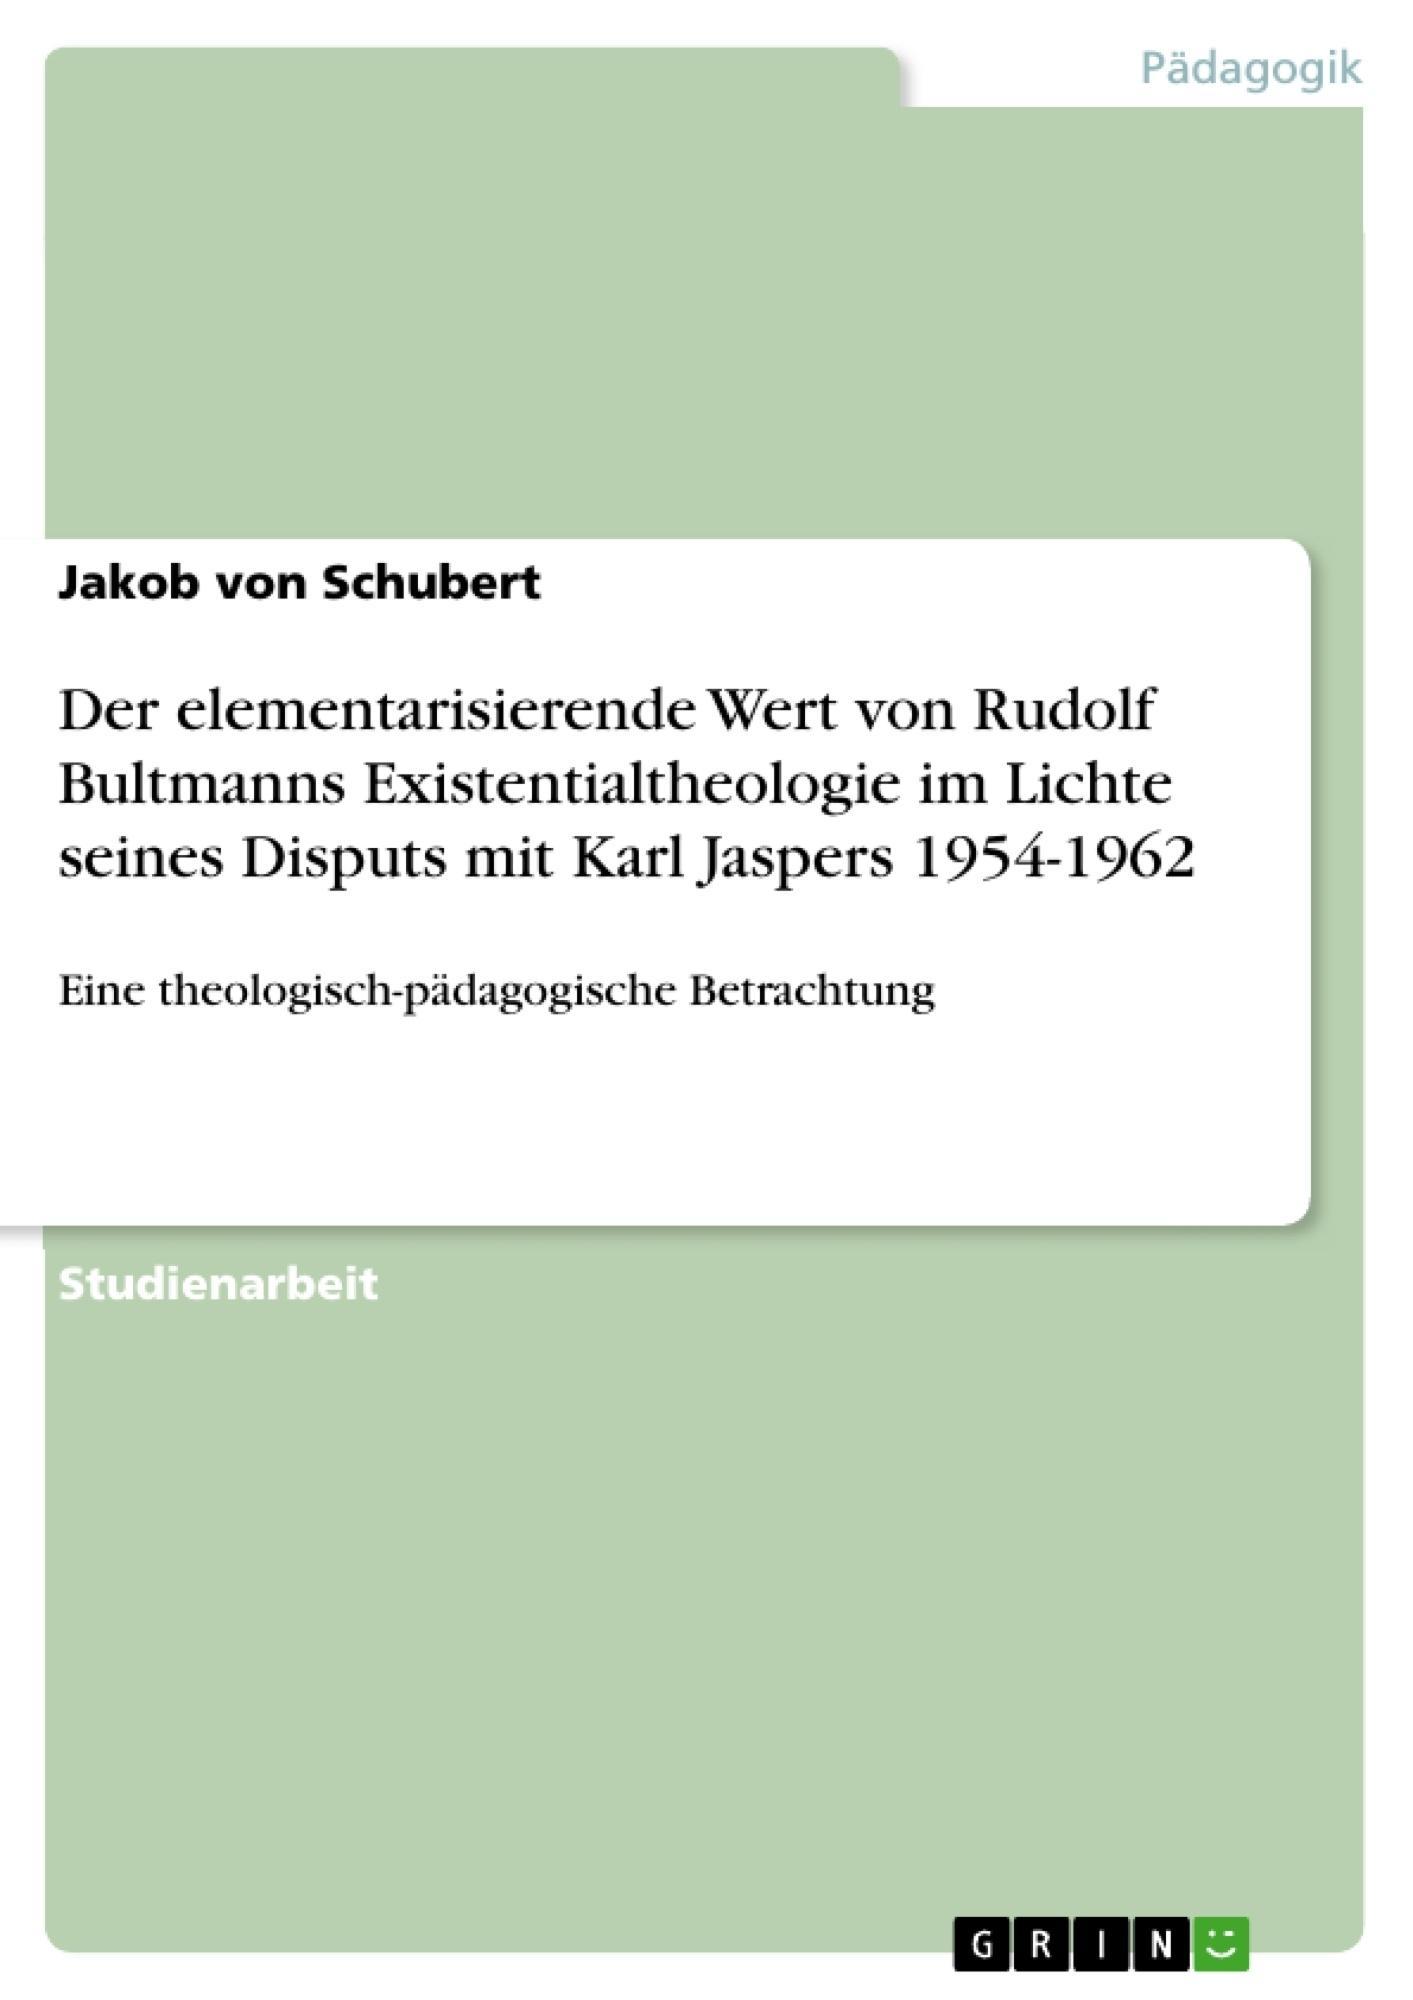 Titel: Der elementarisierende Wert von Rudolf Bultmanns Existentialtheologie im Lichte seines Disputs mit Karl Jaspers 1954-1962